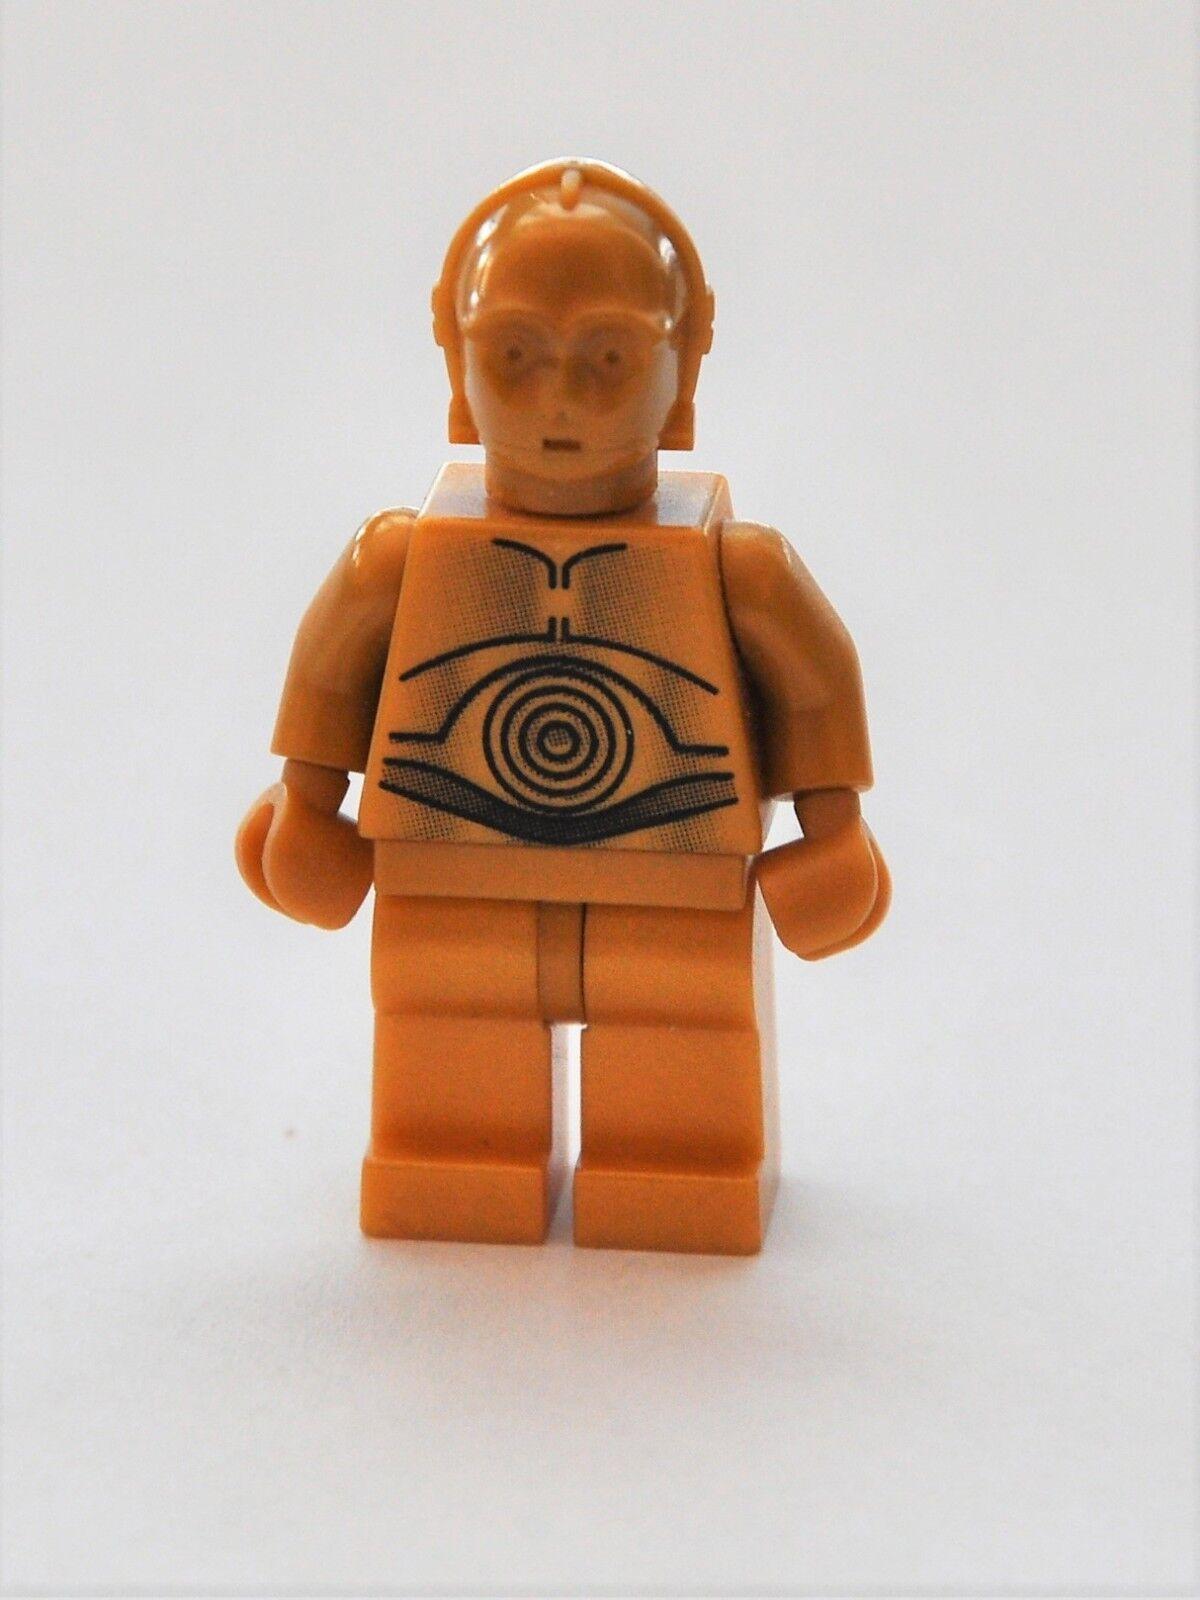 C3PO Droide Druide gelb 3PO dekorierte Beine Neu Lego Star Wars C-3PO Figur